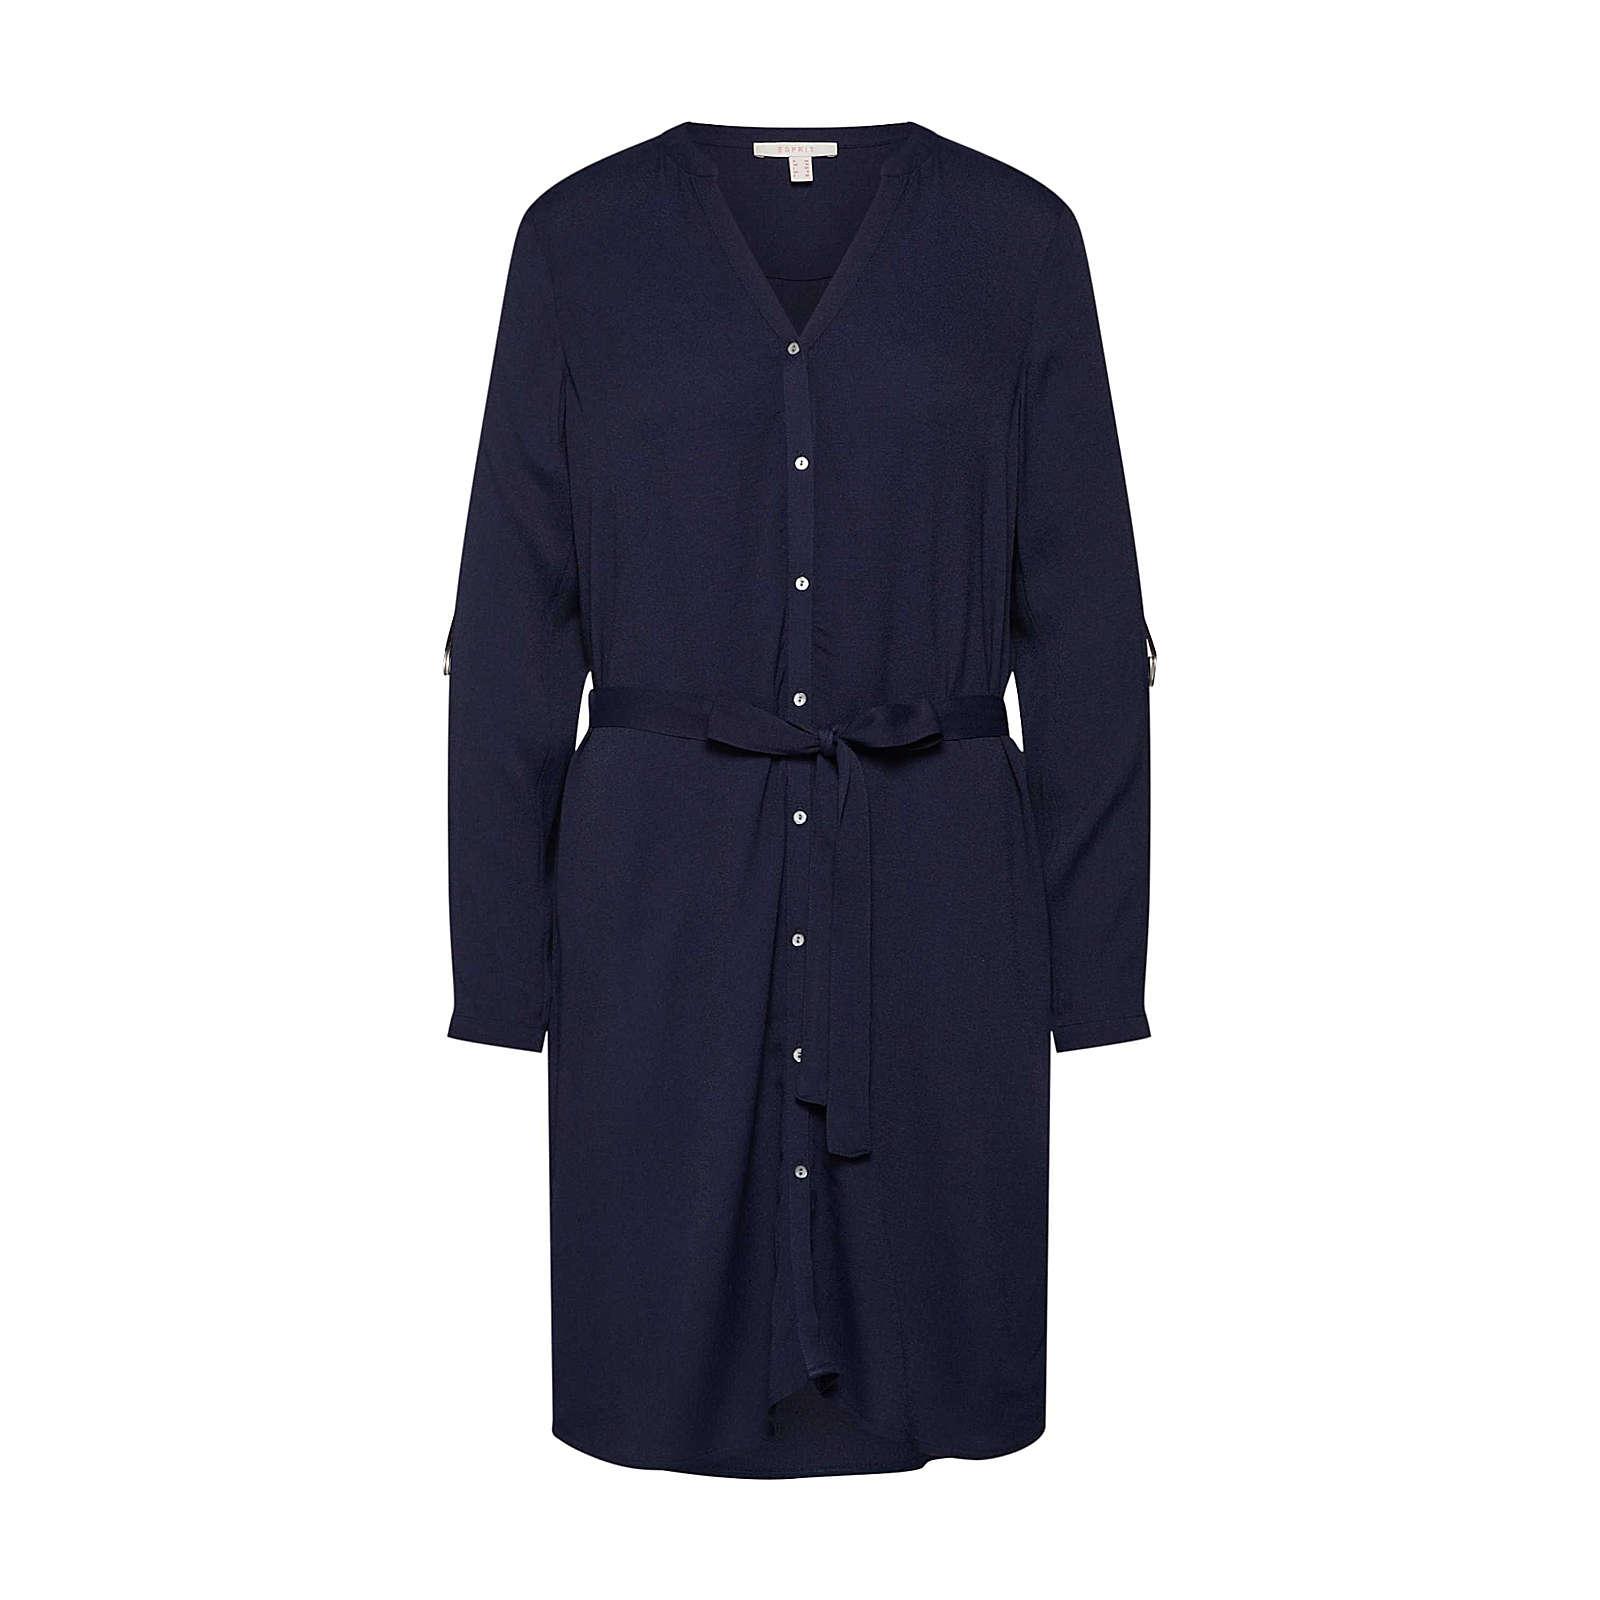 ESPRIT Blusenkleid Blusenkleider weiß Damen Gr. 40